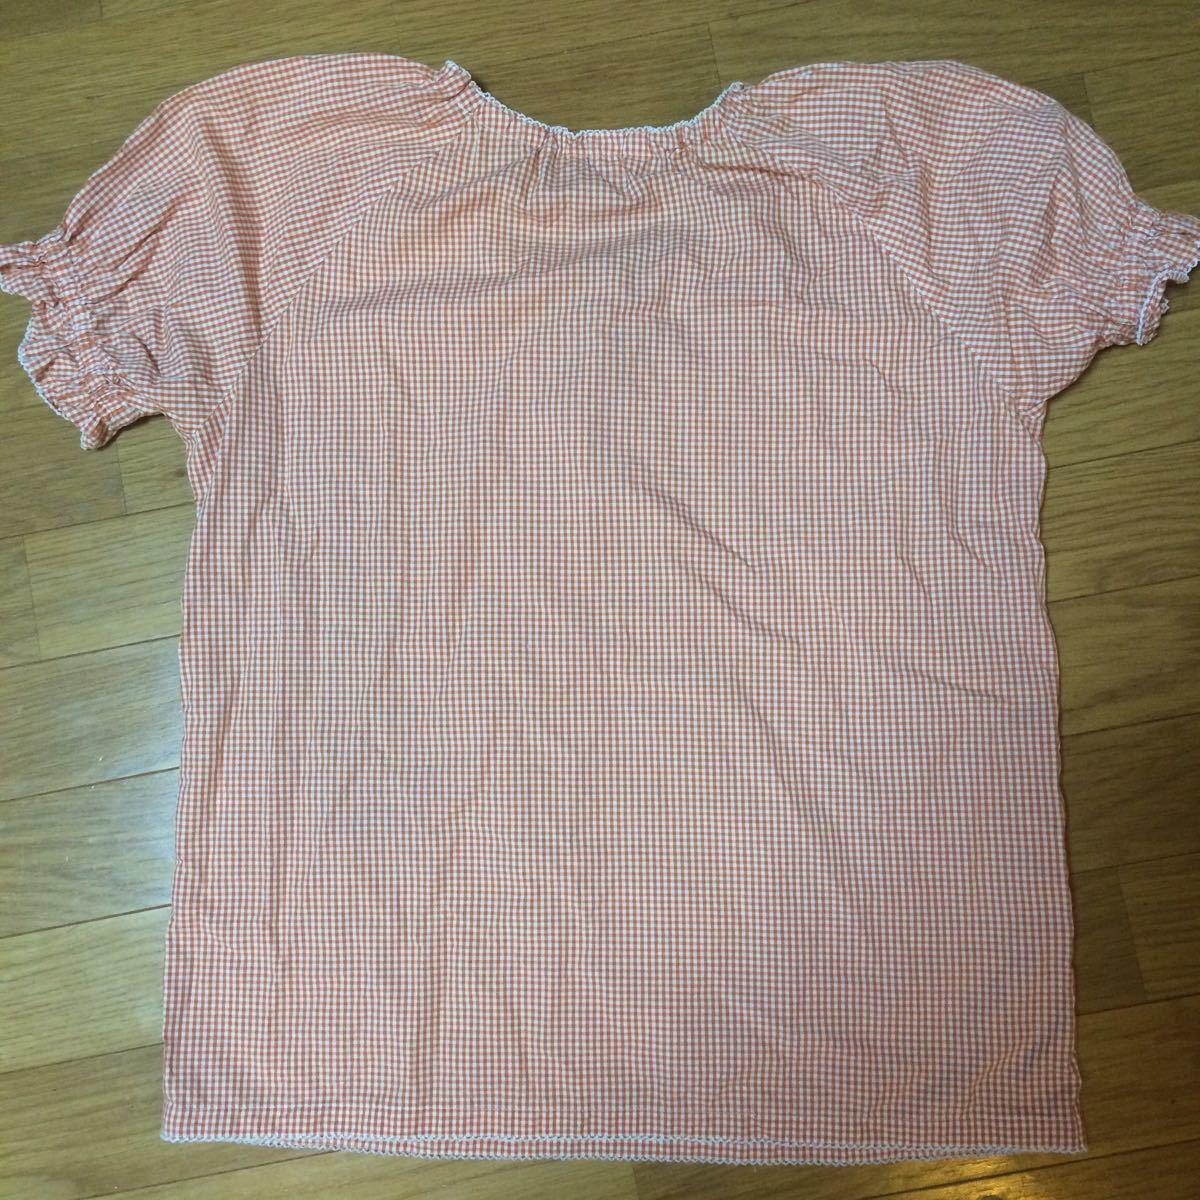 ピンクハウス オレンジ×白色チェック柄の半袖ブラウス